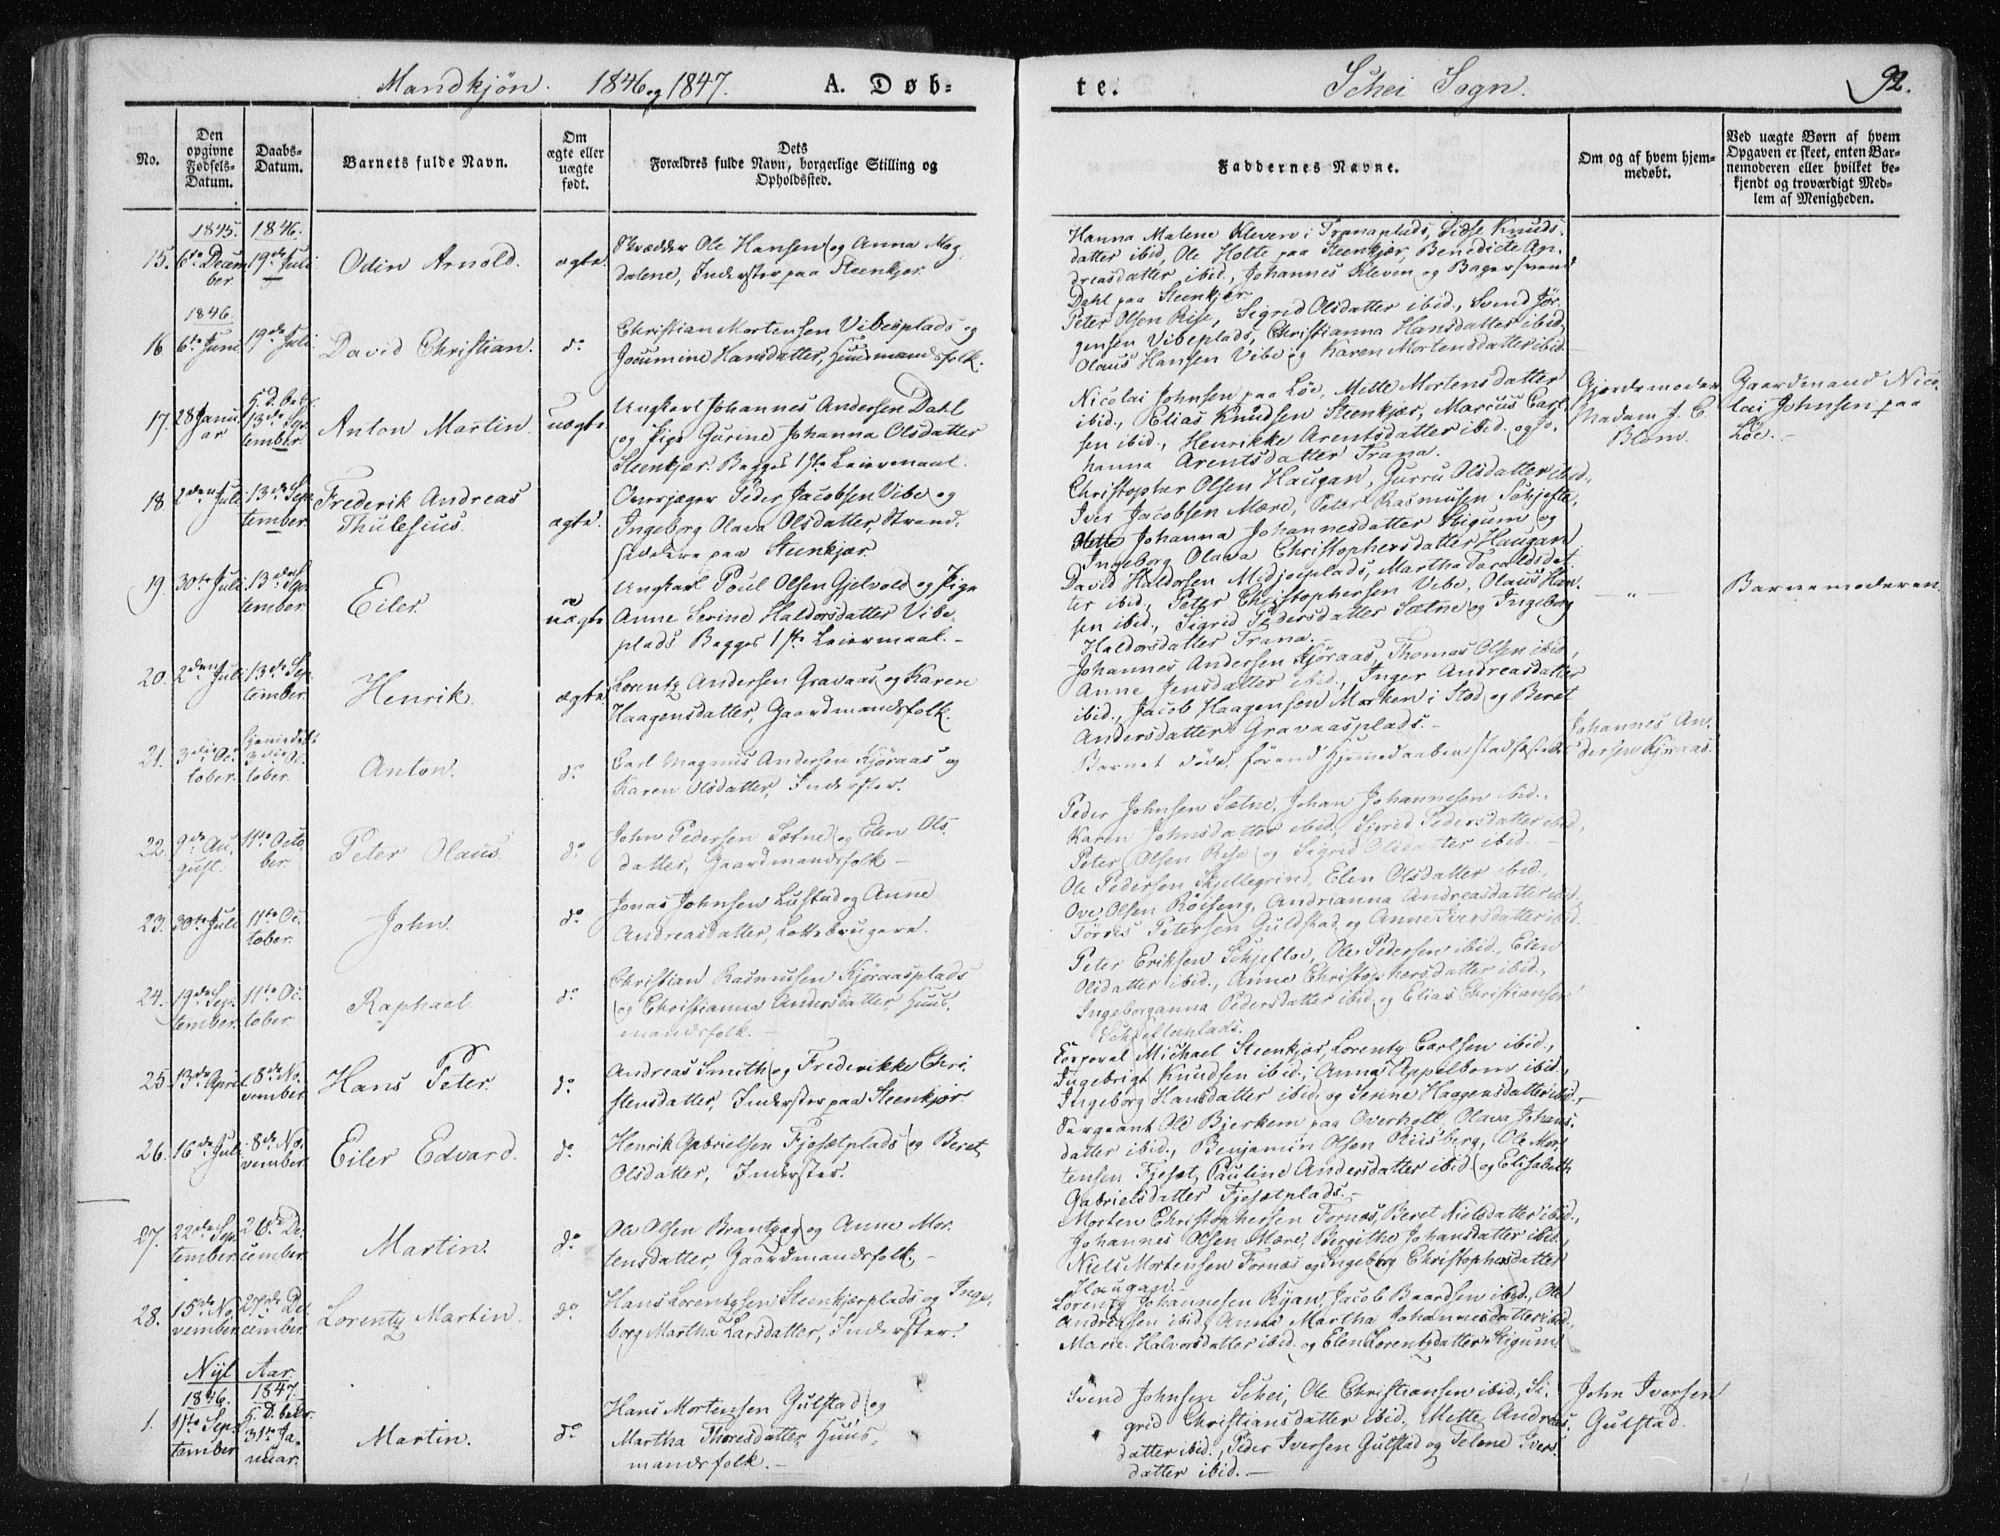 SAT, Ministerialprotokoller, klokkerbøker og fødselsregistre - Nord-Trøndelag, 735/L0339: Ministerialbok nr. 735A06 /2, 1836-1848, s. 92